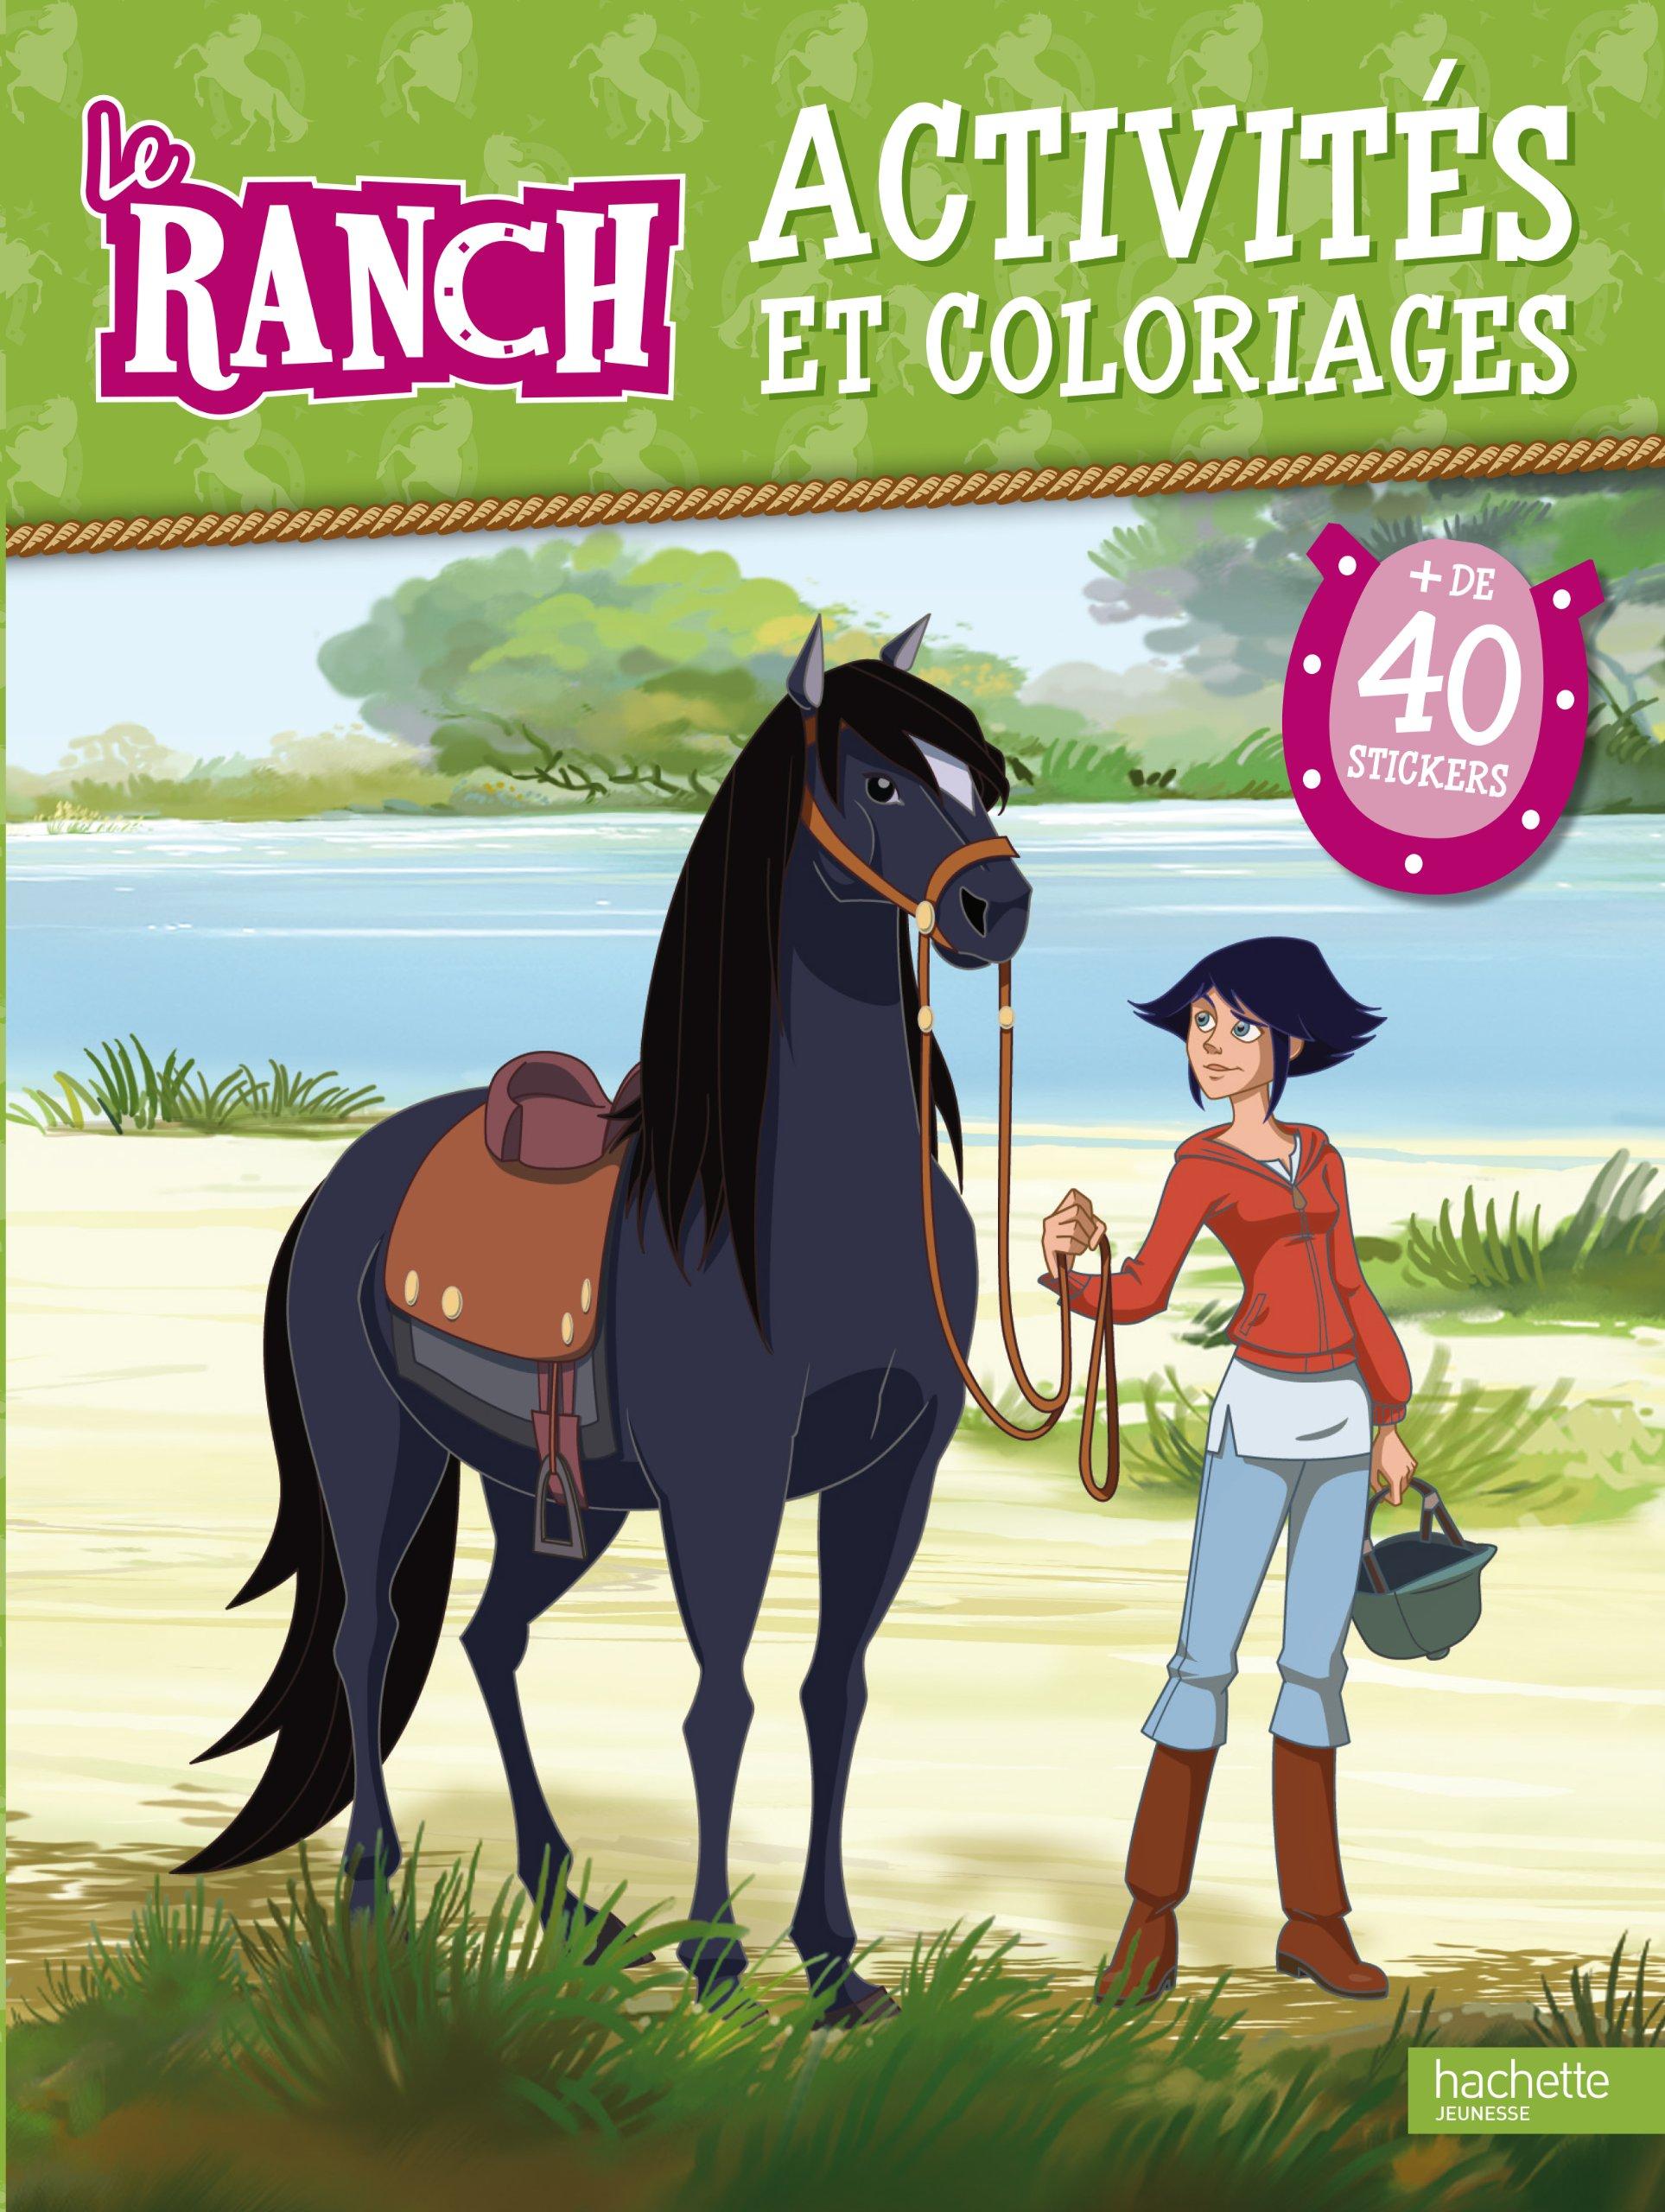 Coloriage De Cheval Du Ranch.Le Ranch Activites Et Coloriages Amazon Fr Hachette Jeunesse Livres